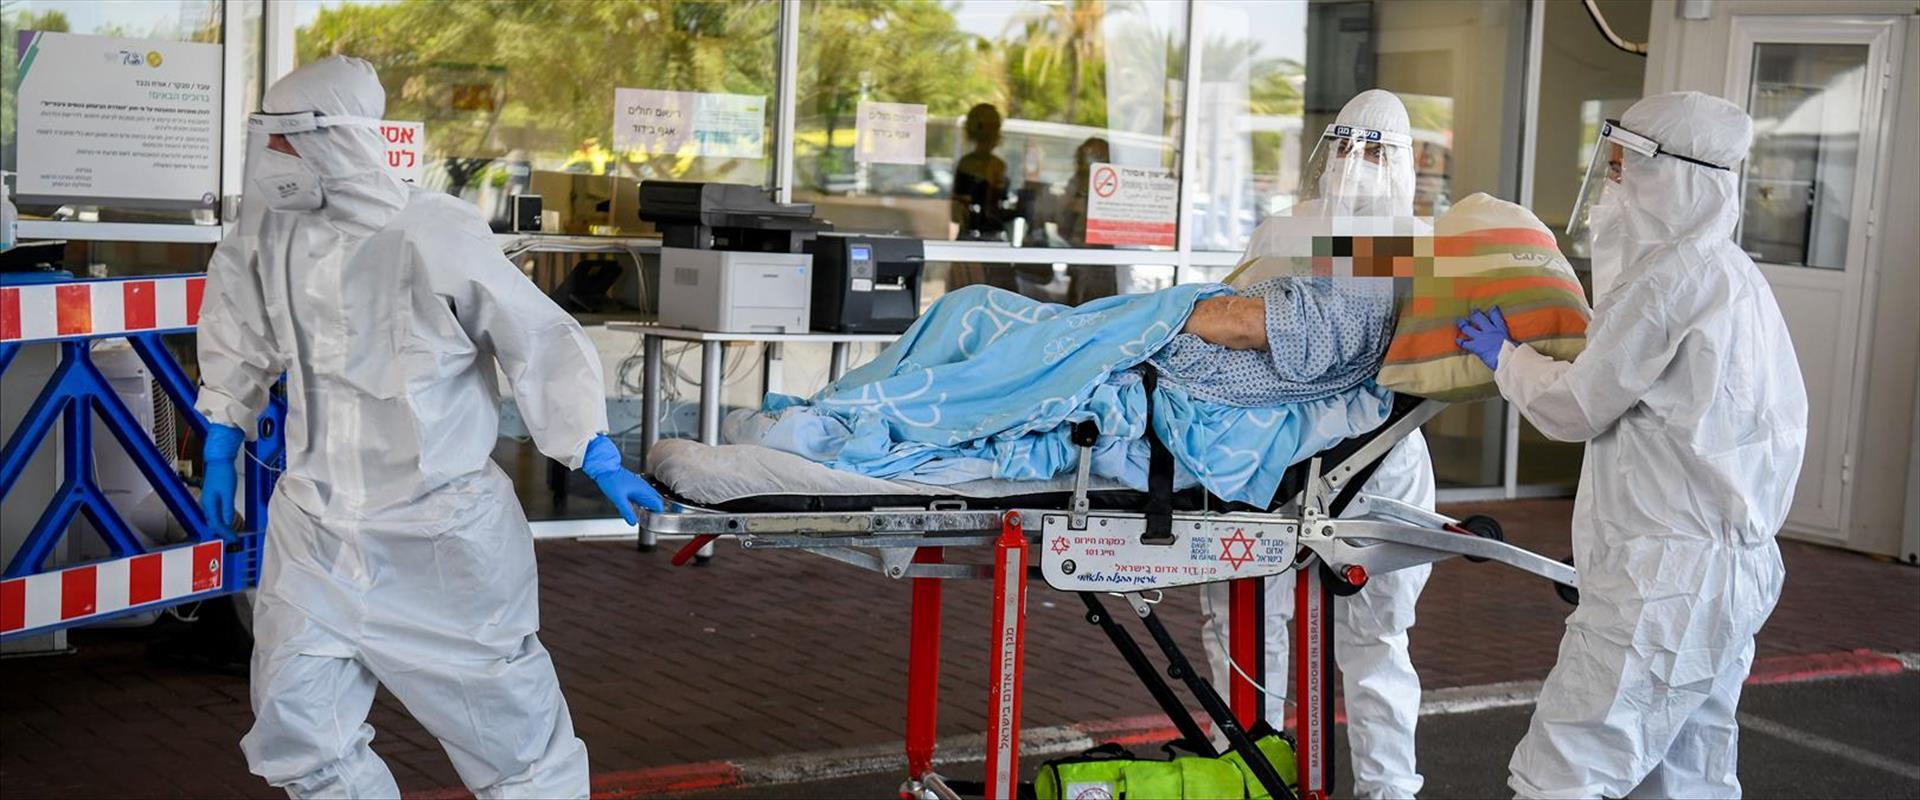 חולה מועבר לבית חולים